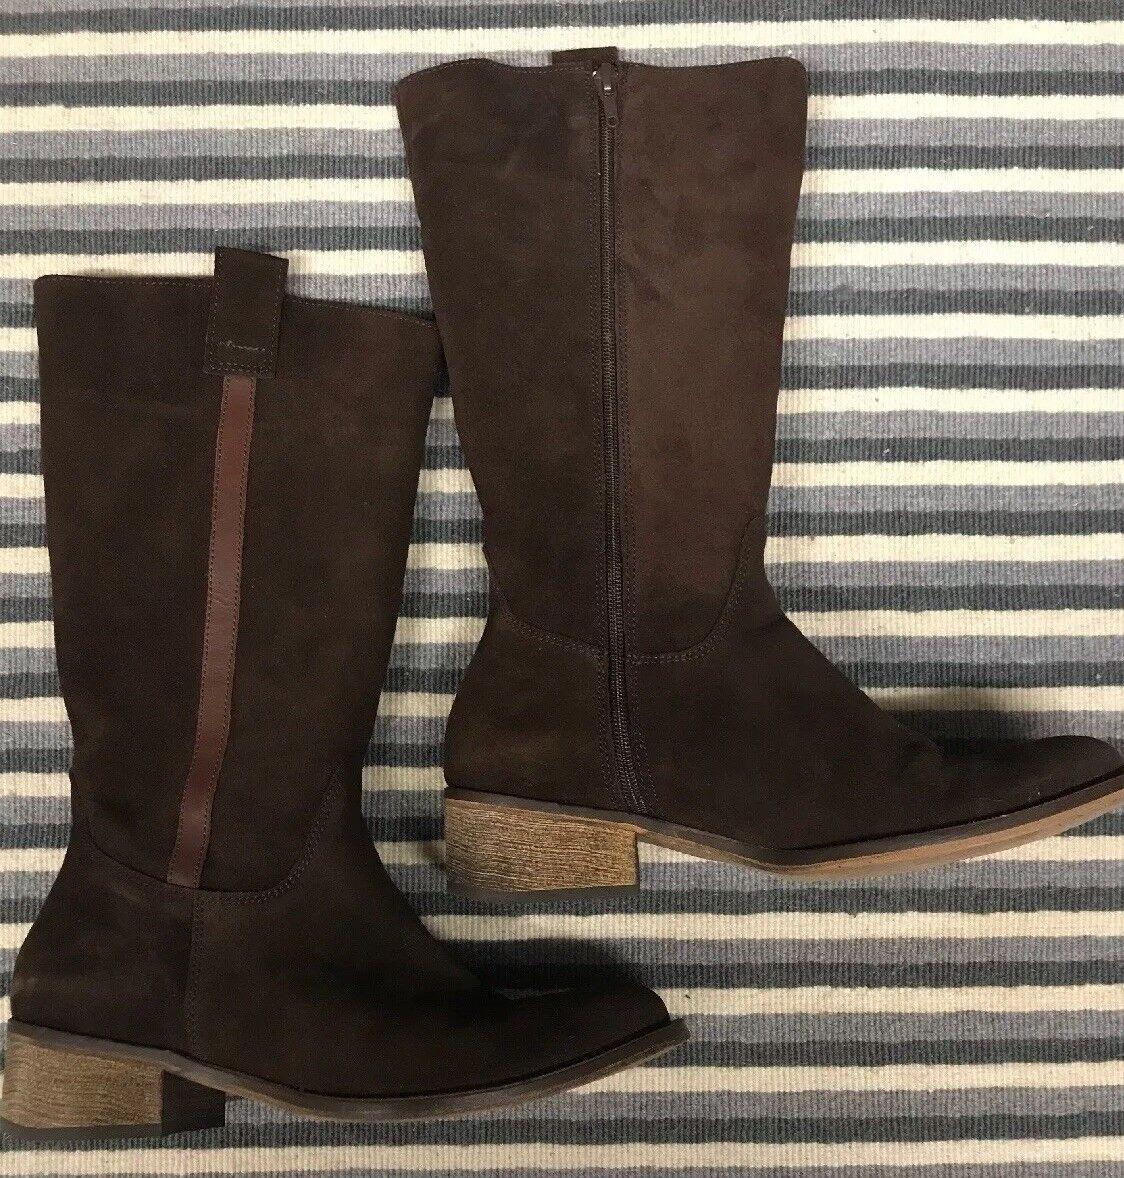 Jeffrey campbell womens boots tall zipper brown suede 8